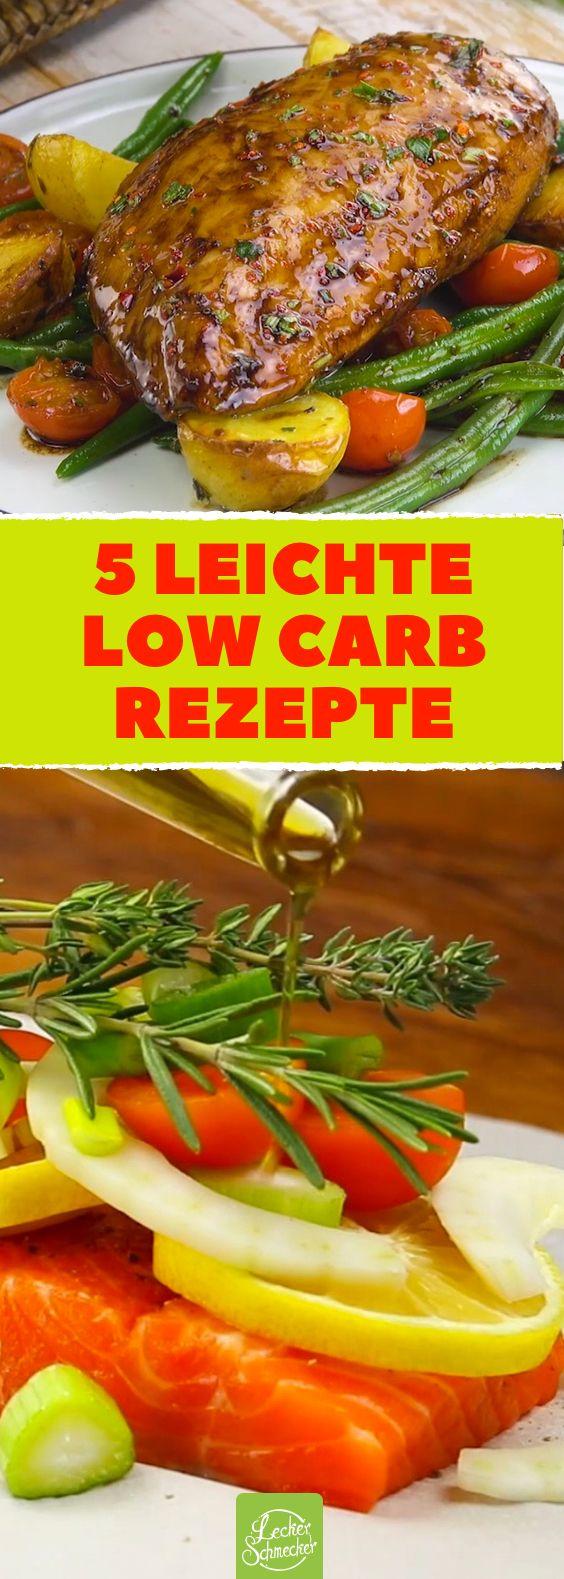 5 Low-Carb-Rezepte bringen die Waage zum Lachen.